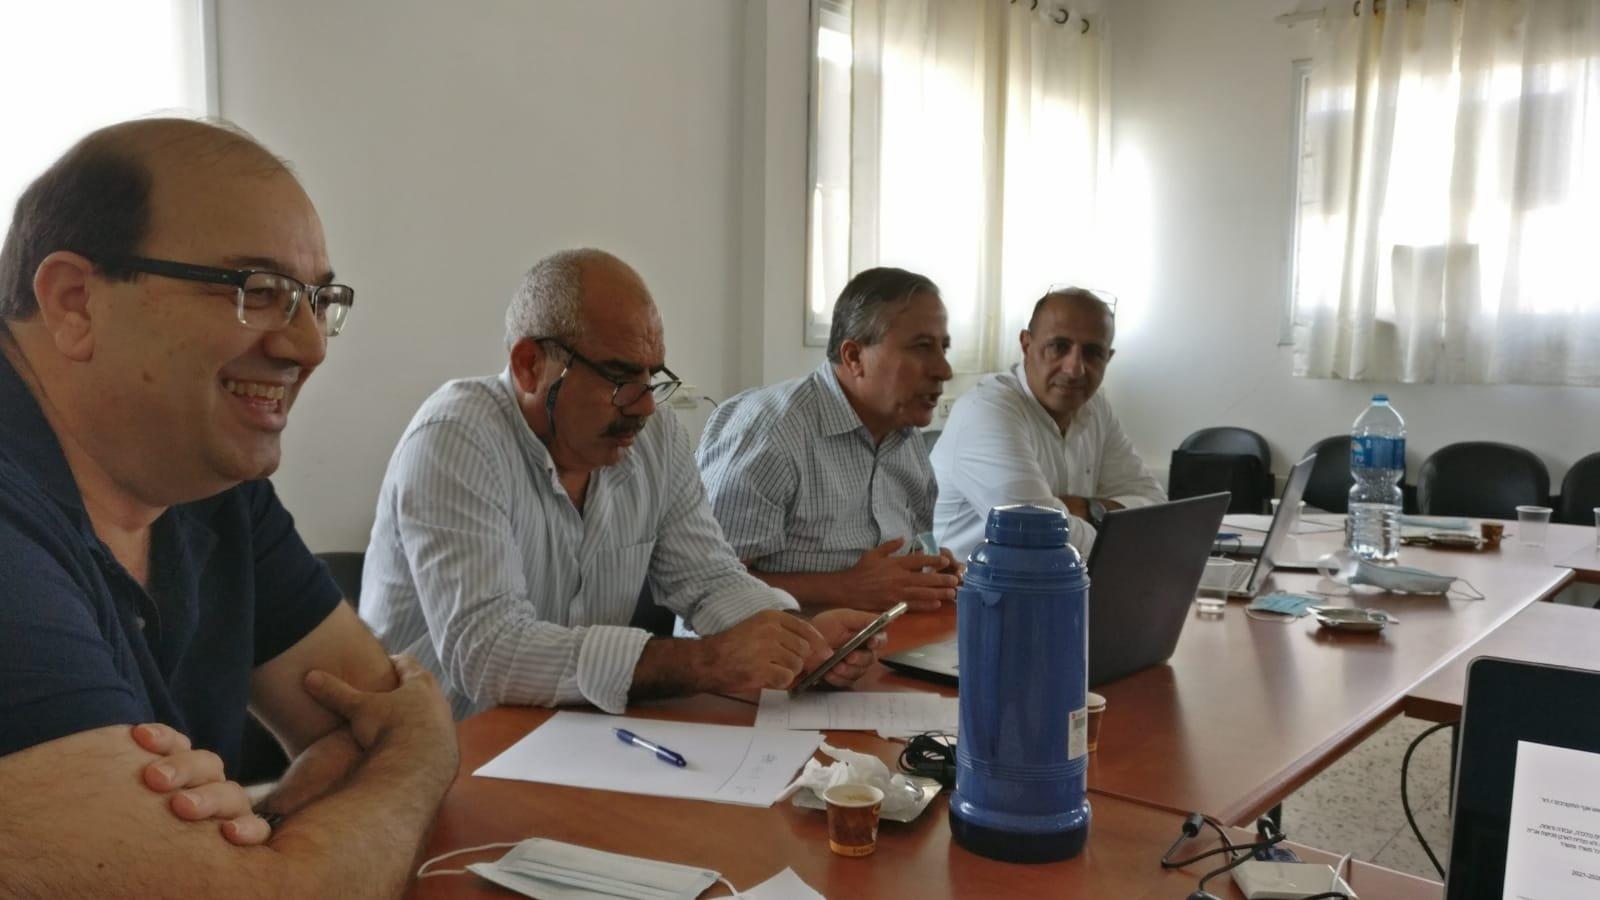 خطة خمسية لتطوير الهايتك والحداثة في المجتمع العربي-4